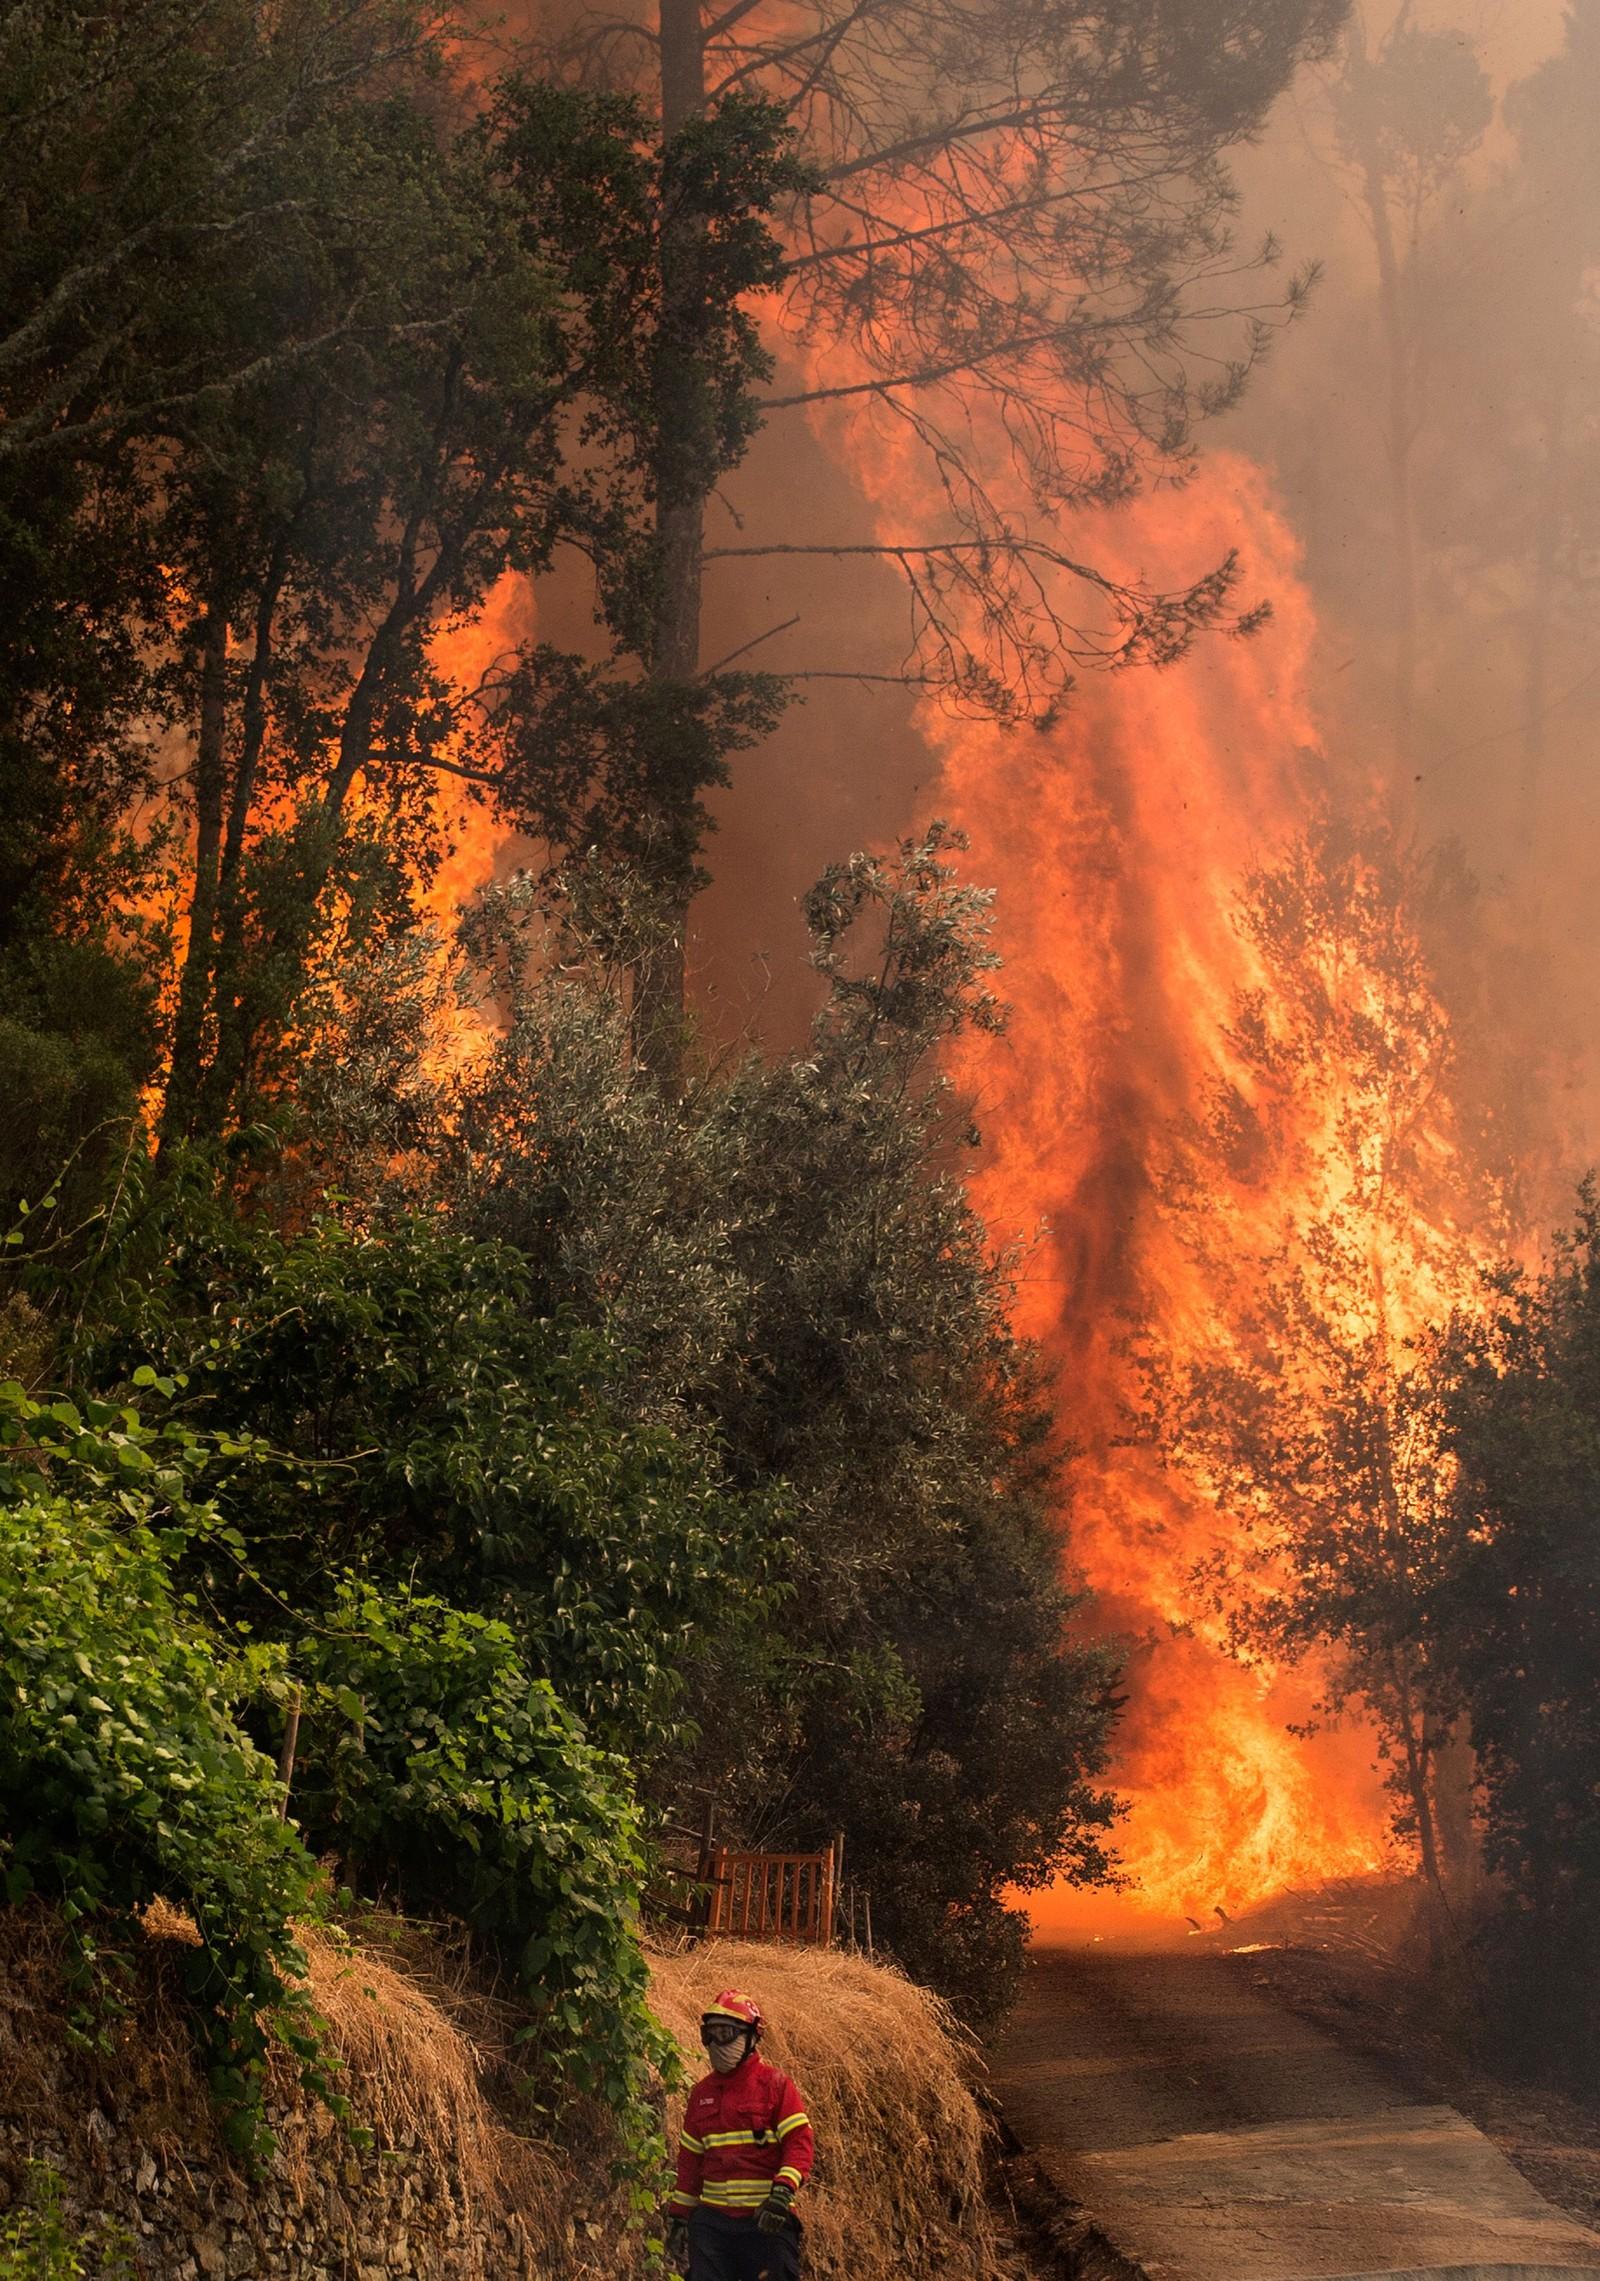 En brannmann går inn mot brannen.